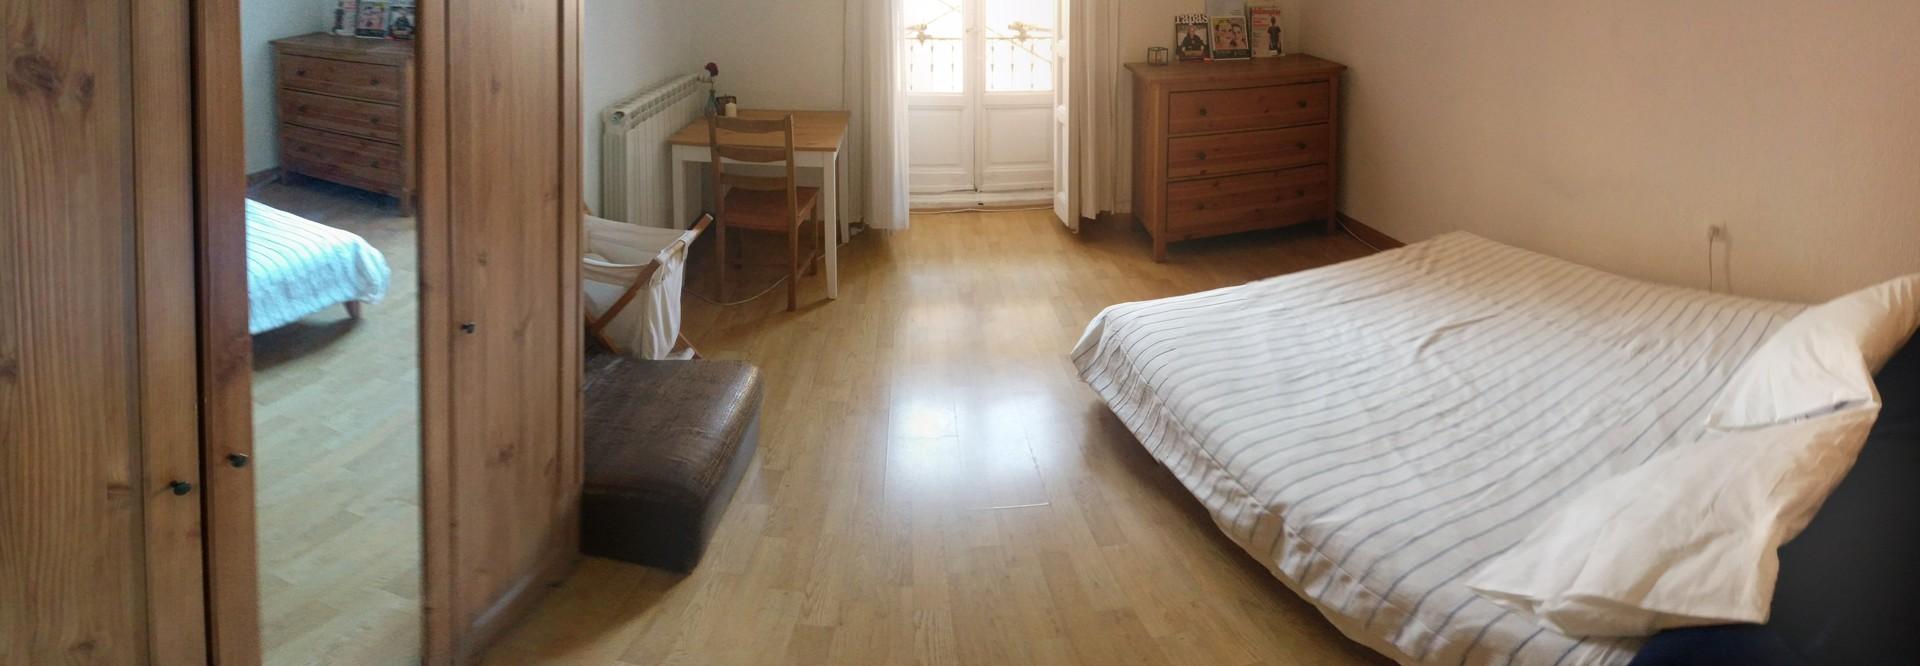 Habitacion amplia y luminosa en el centro de madrid alquiler habitaciones madrid - Habitacion para estudiantes en madrid ...